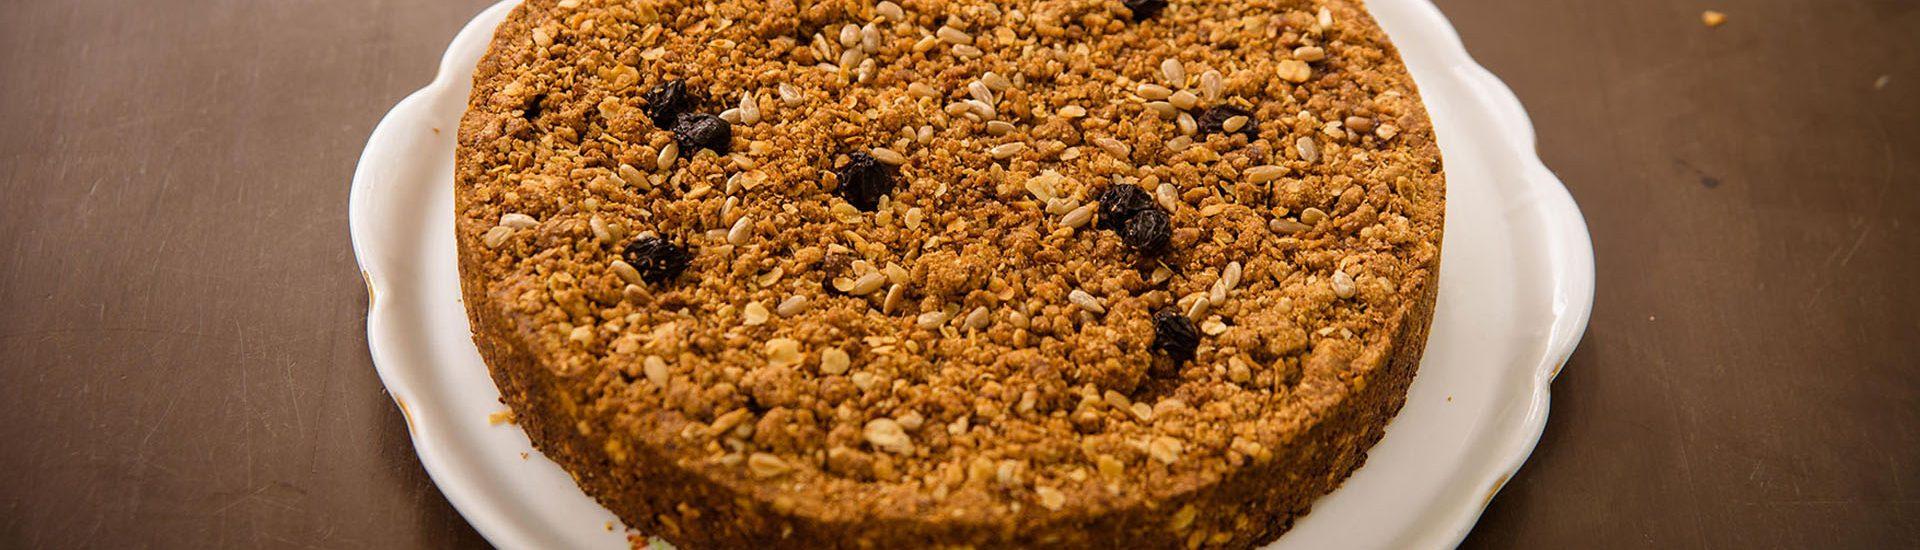 torta de banana granola saudável light receita